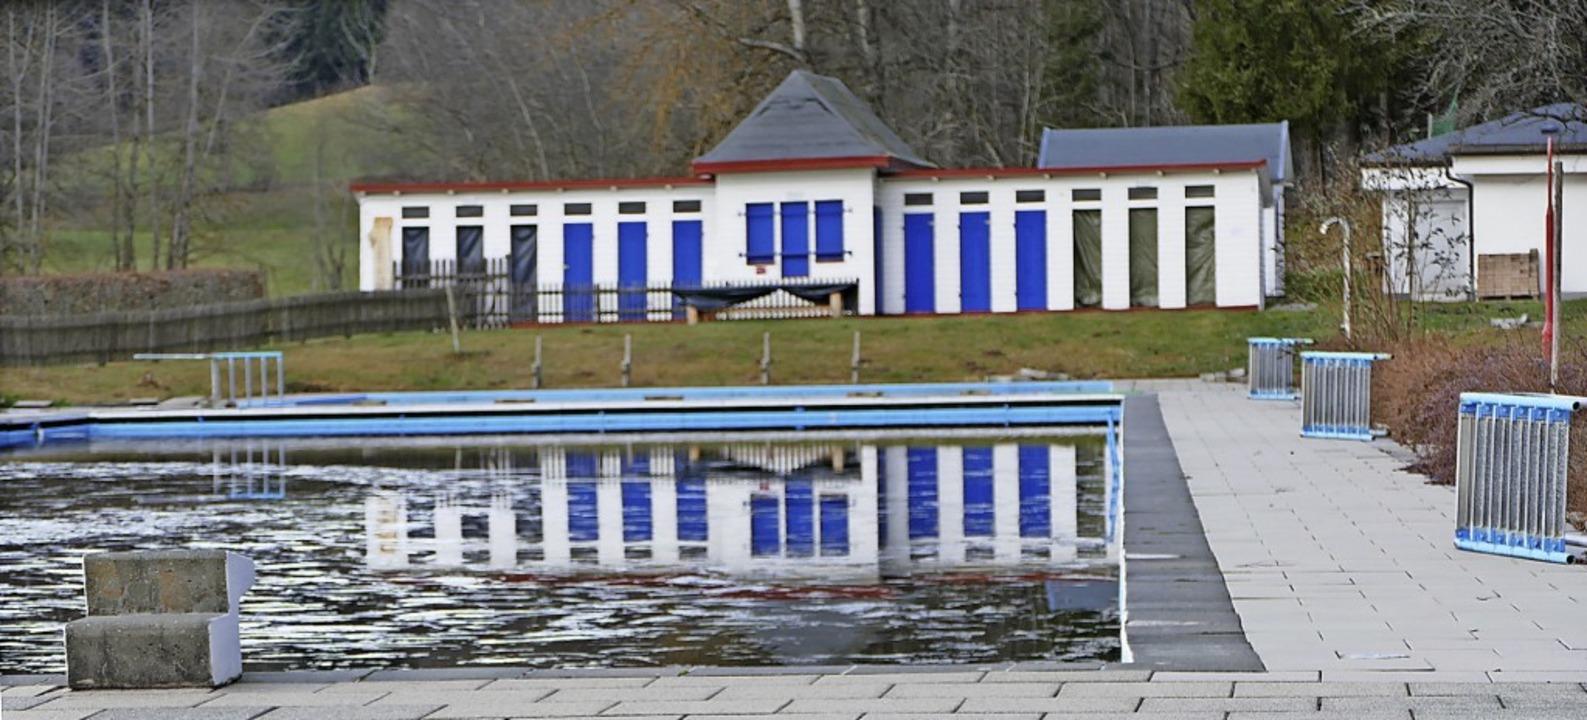 Die Planung für ein Naturschwimmbad Ka...iesem Jahr. Die Umsetzung ist  offen.   | Foto: Ralf Morys